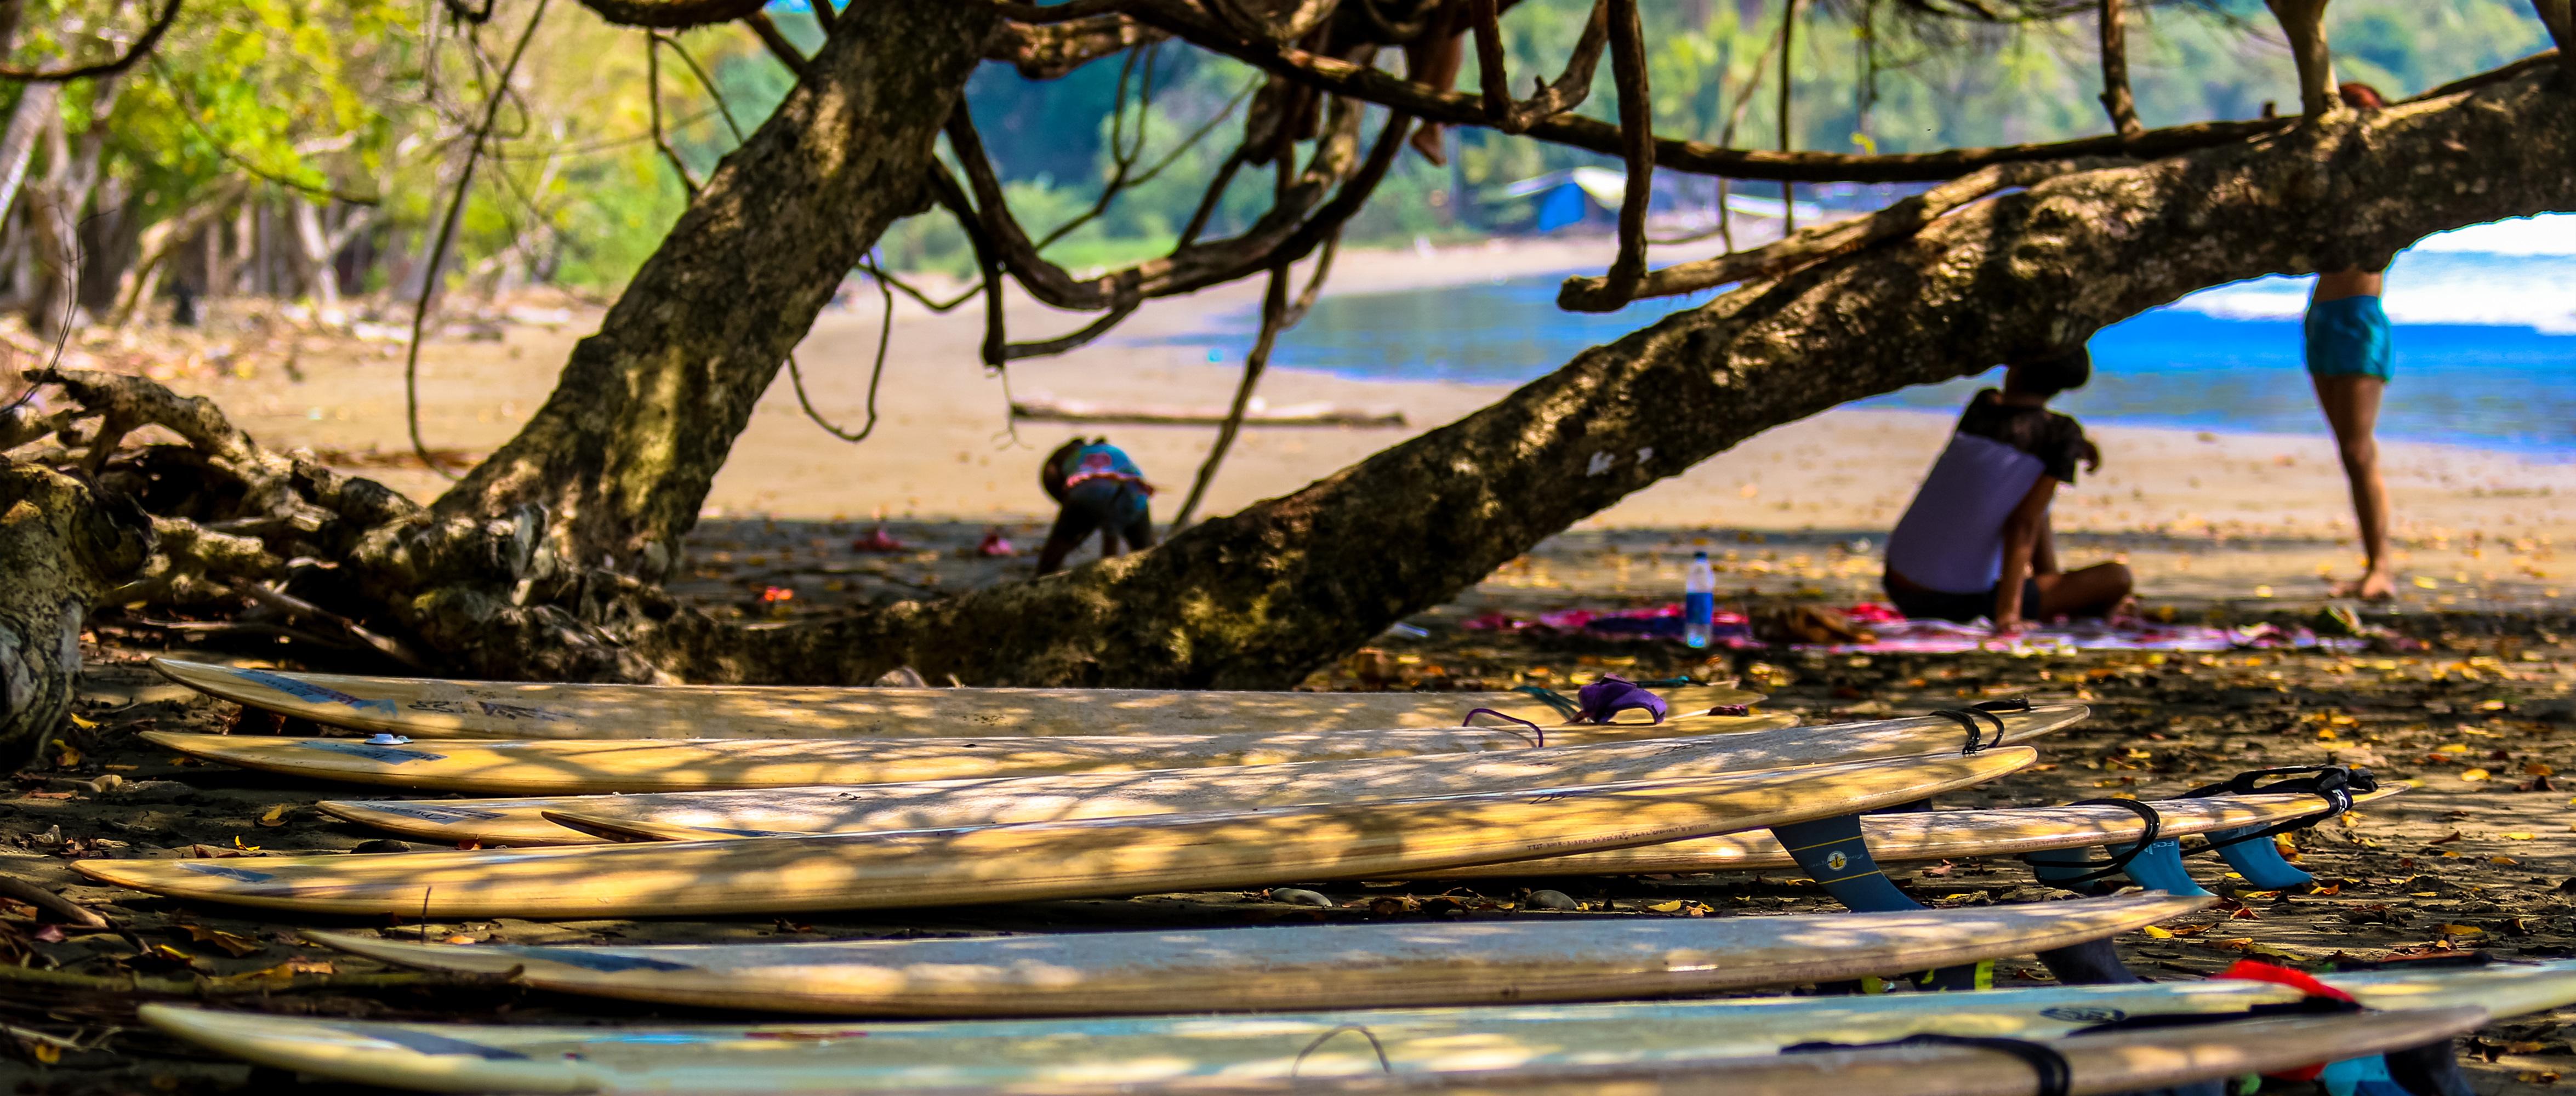 Surf Boards on the Beach: Altos de Miramar, Dominical, Osa Peninsula